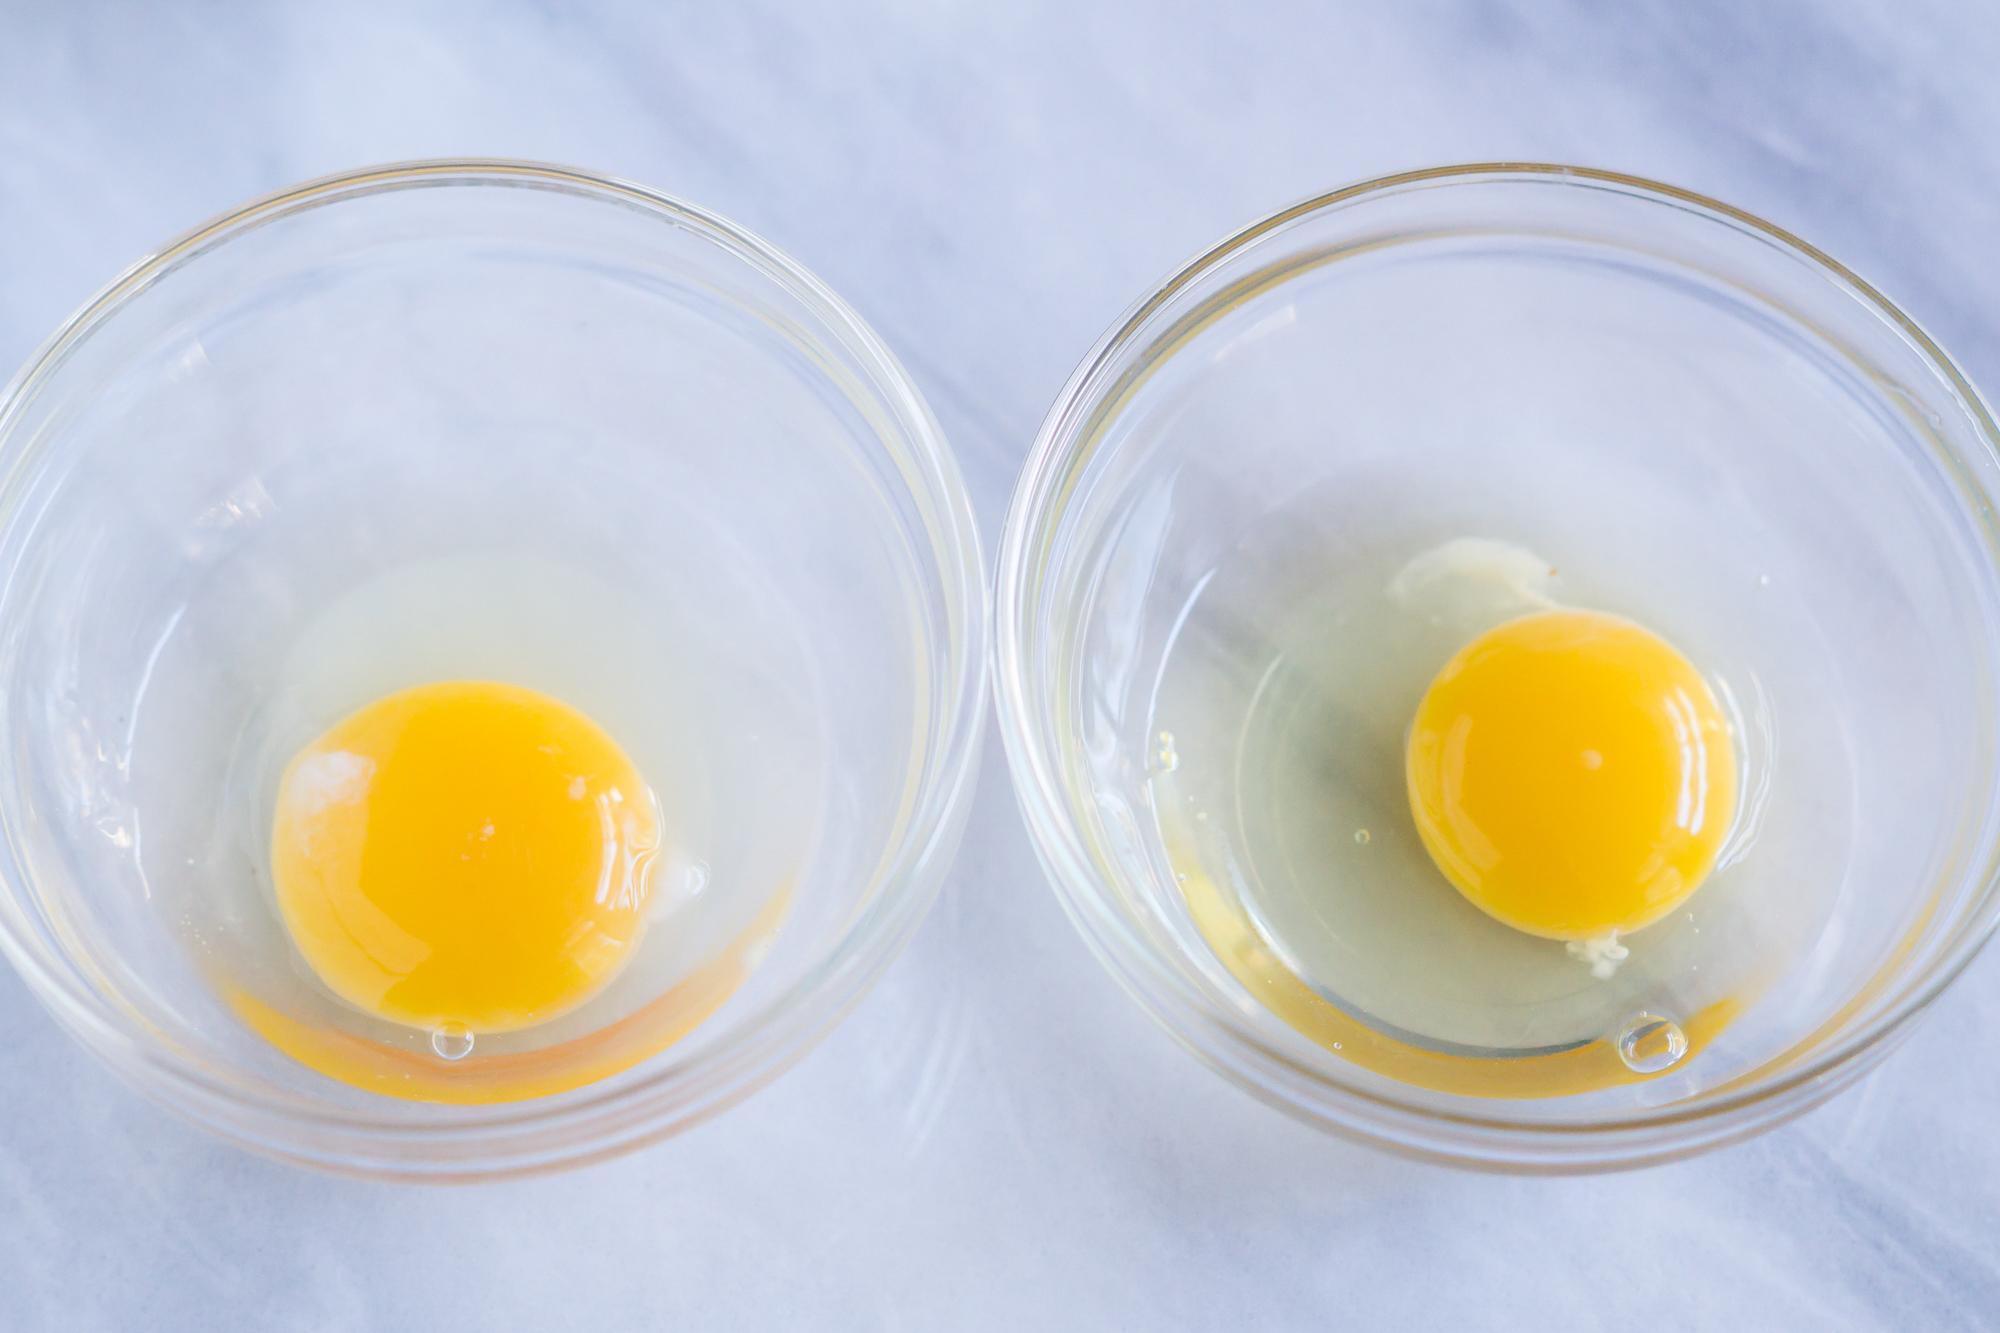 فوائد بياض البيض 1